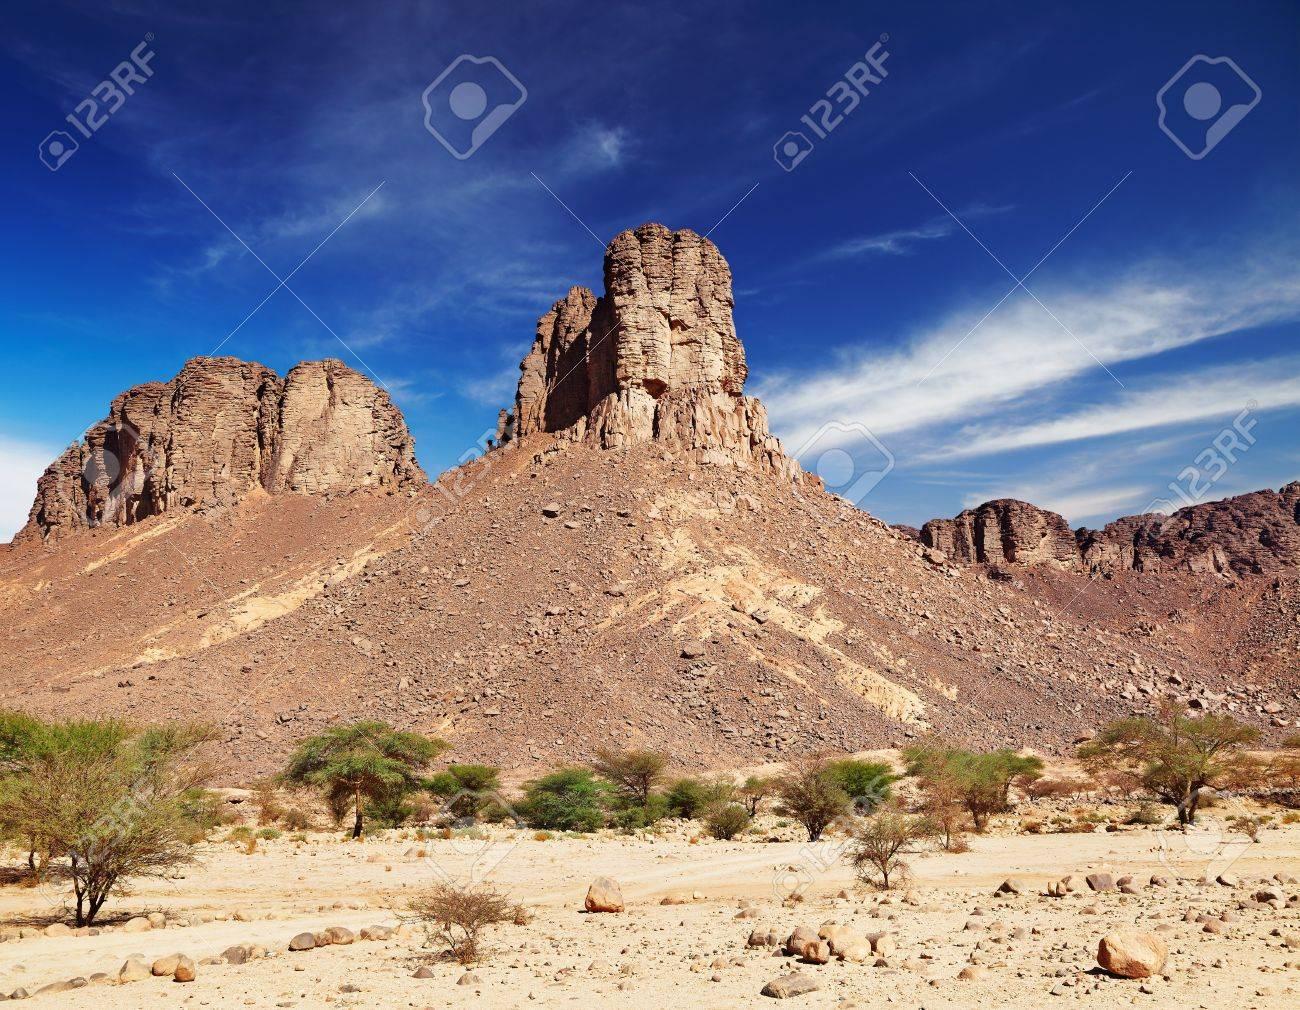 Rocks in Sahara Desert, Tassili N'Ajjer, Algeria Stock Photo - 8677723